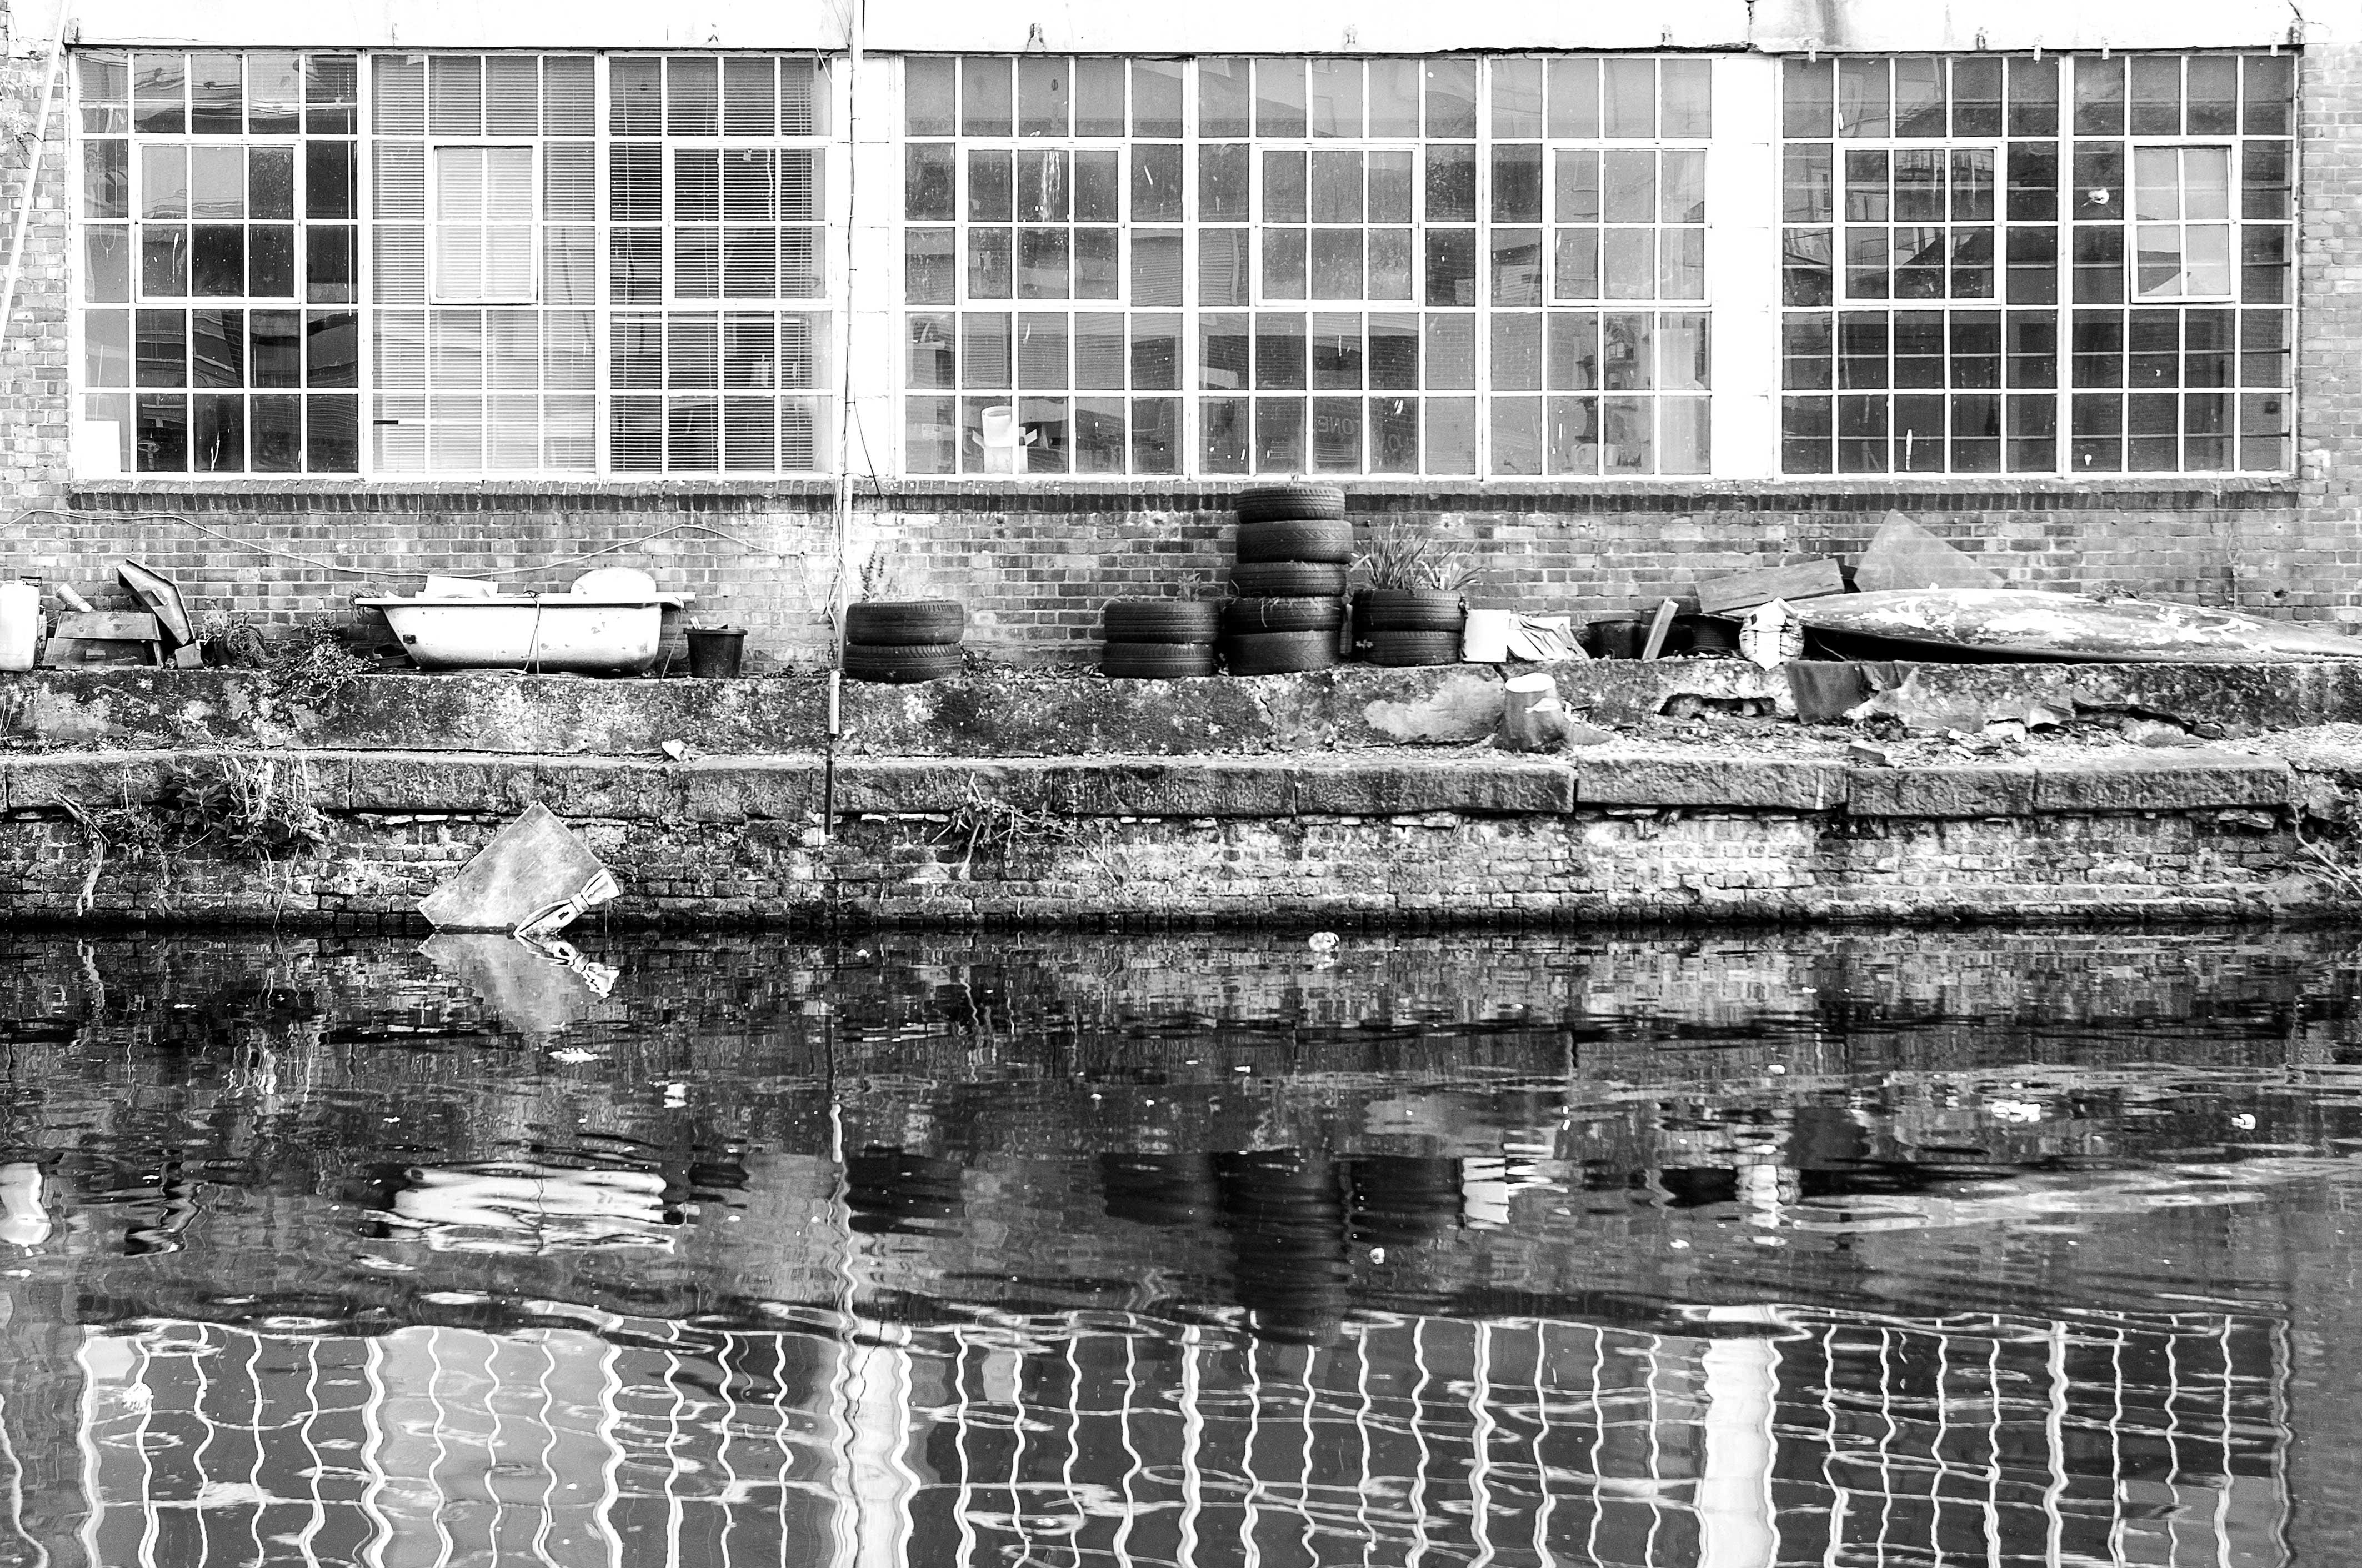 mirror water_VII